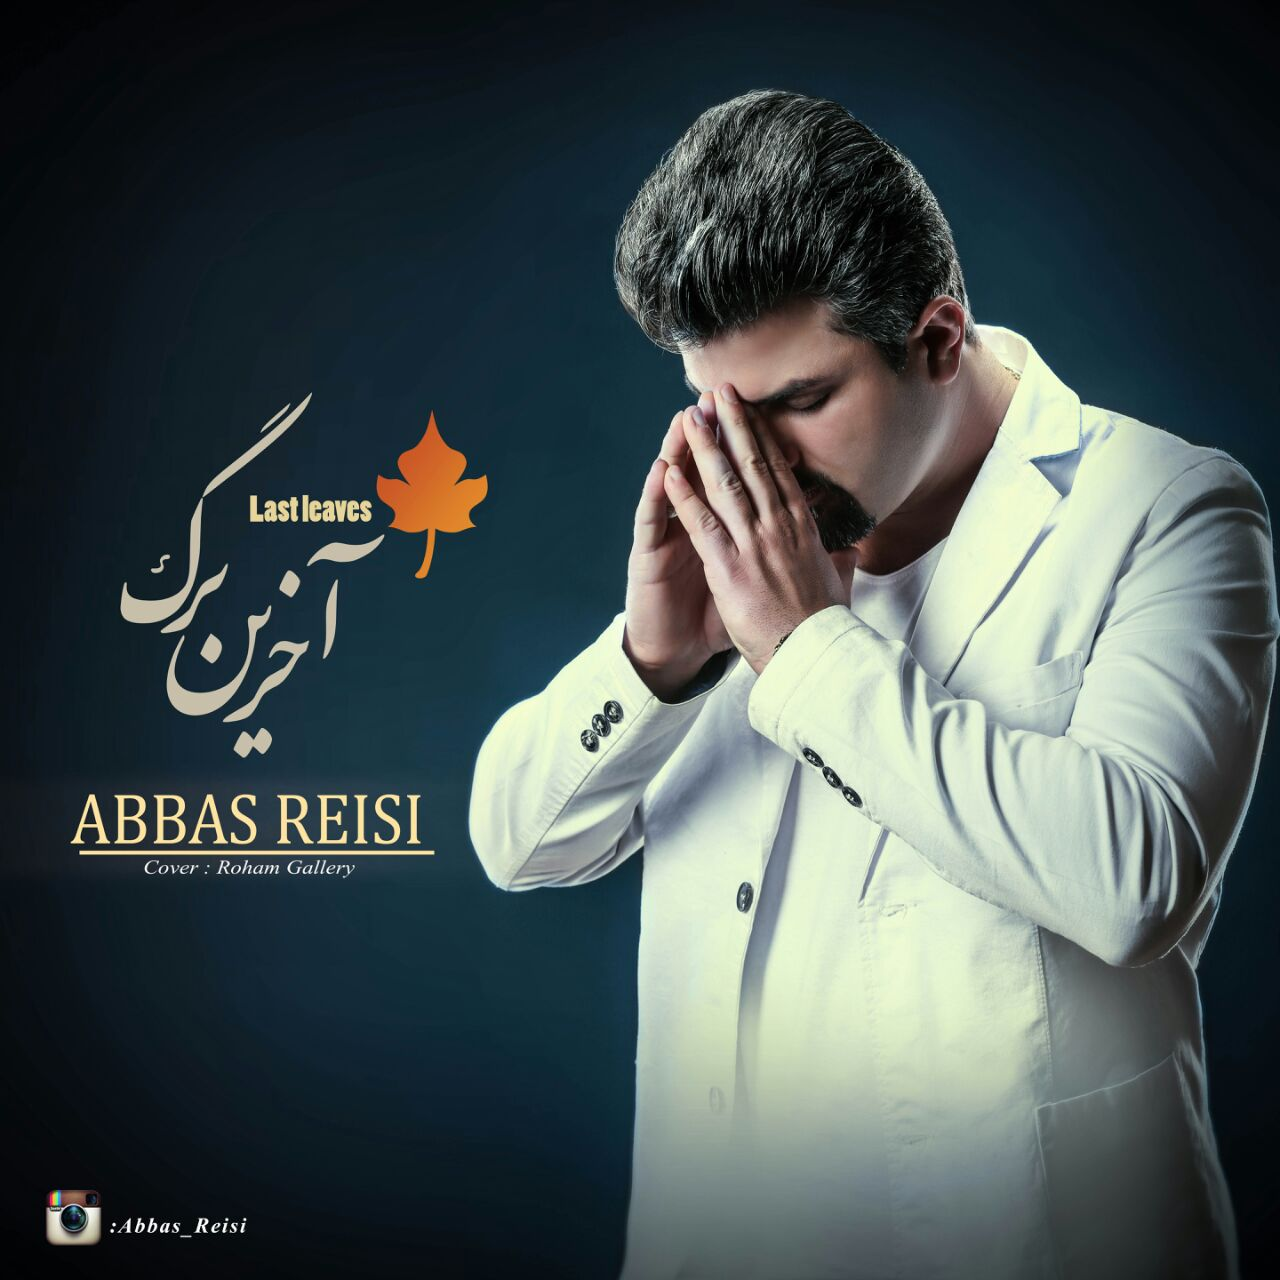 دانلود آهنگ جدید عباس رئیسی به نام اخرین برگ